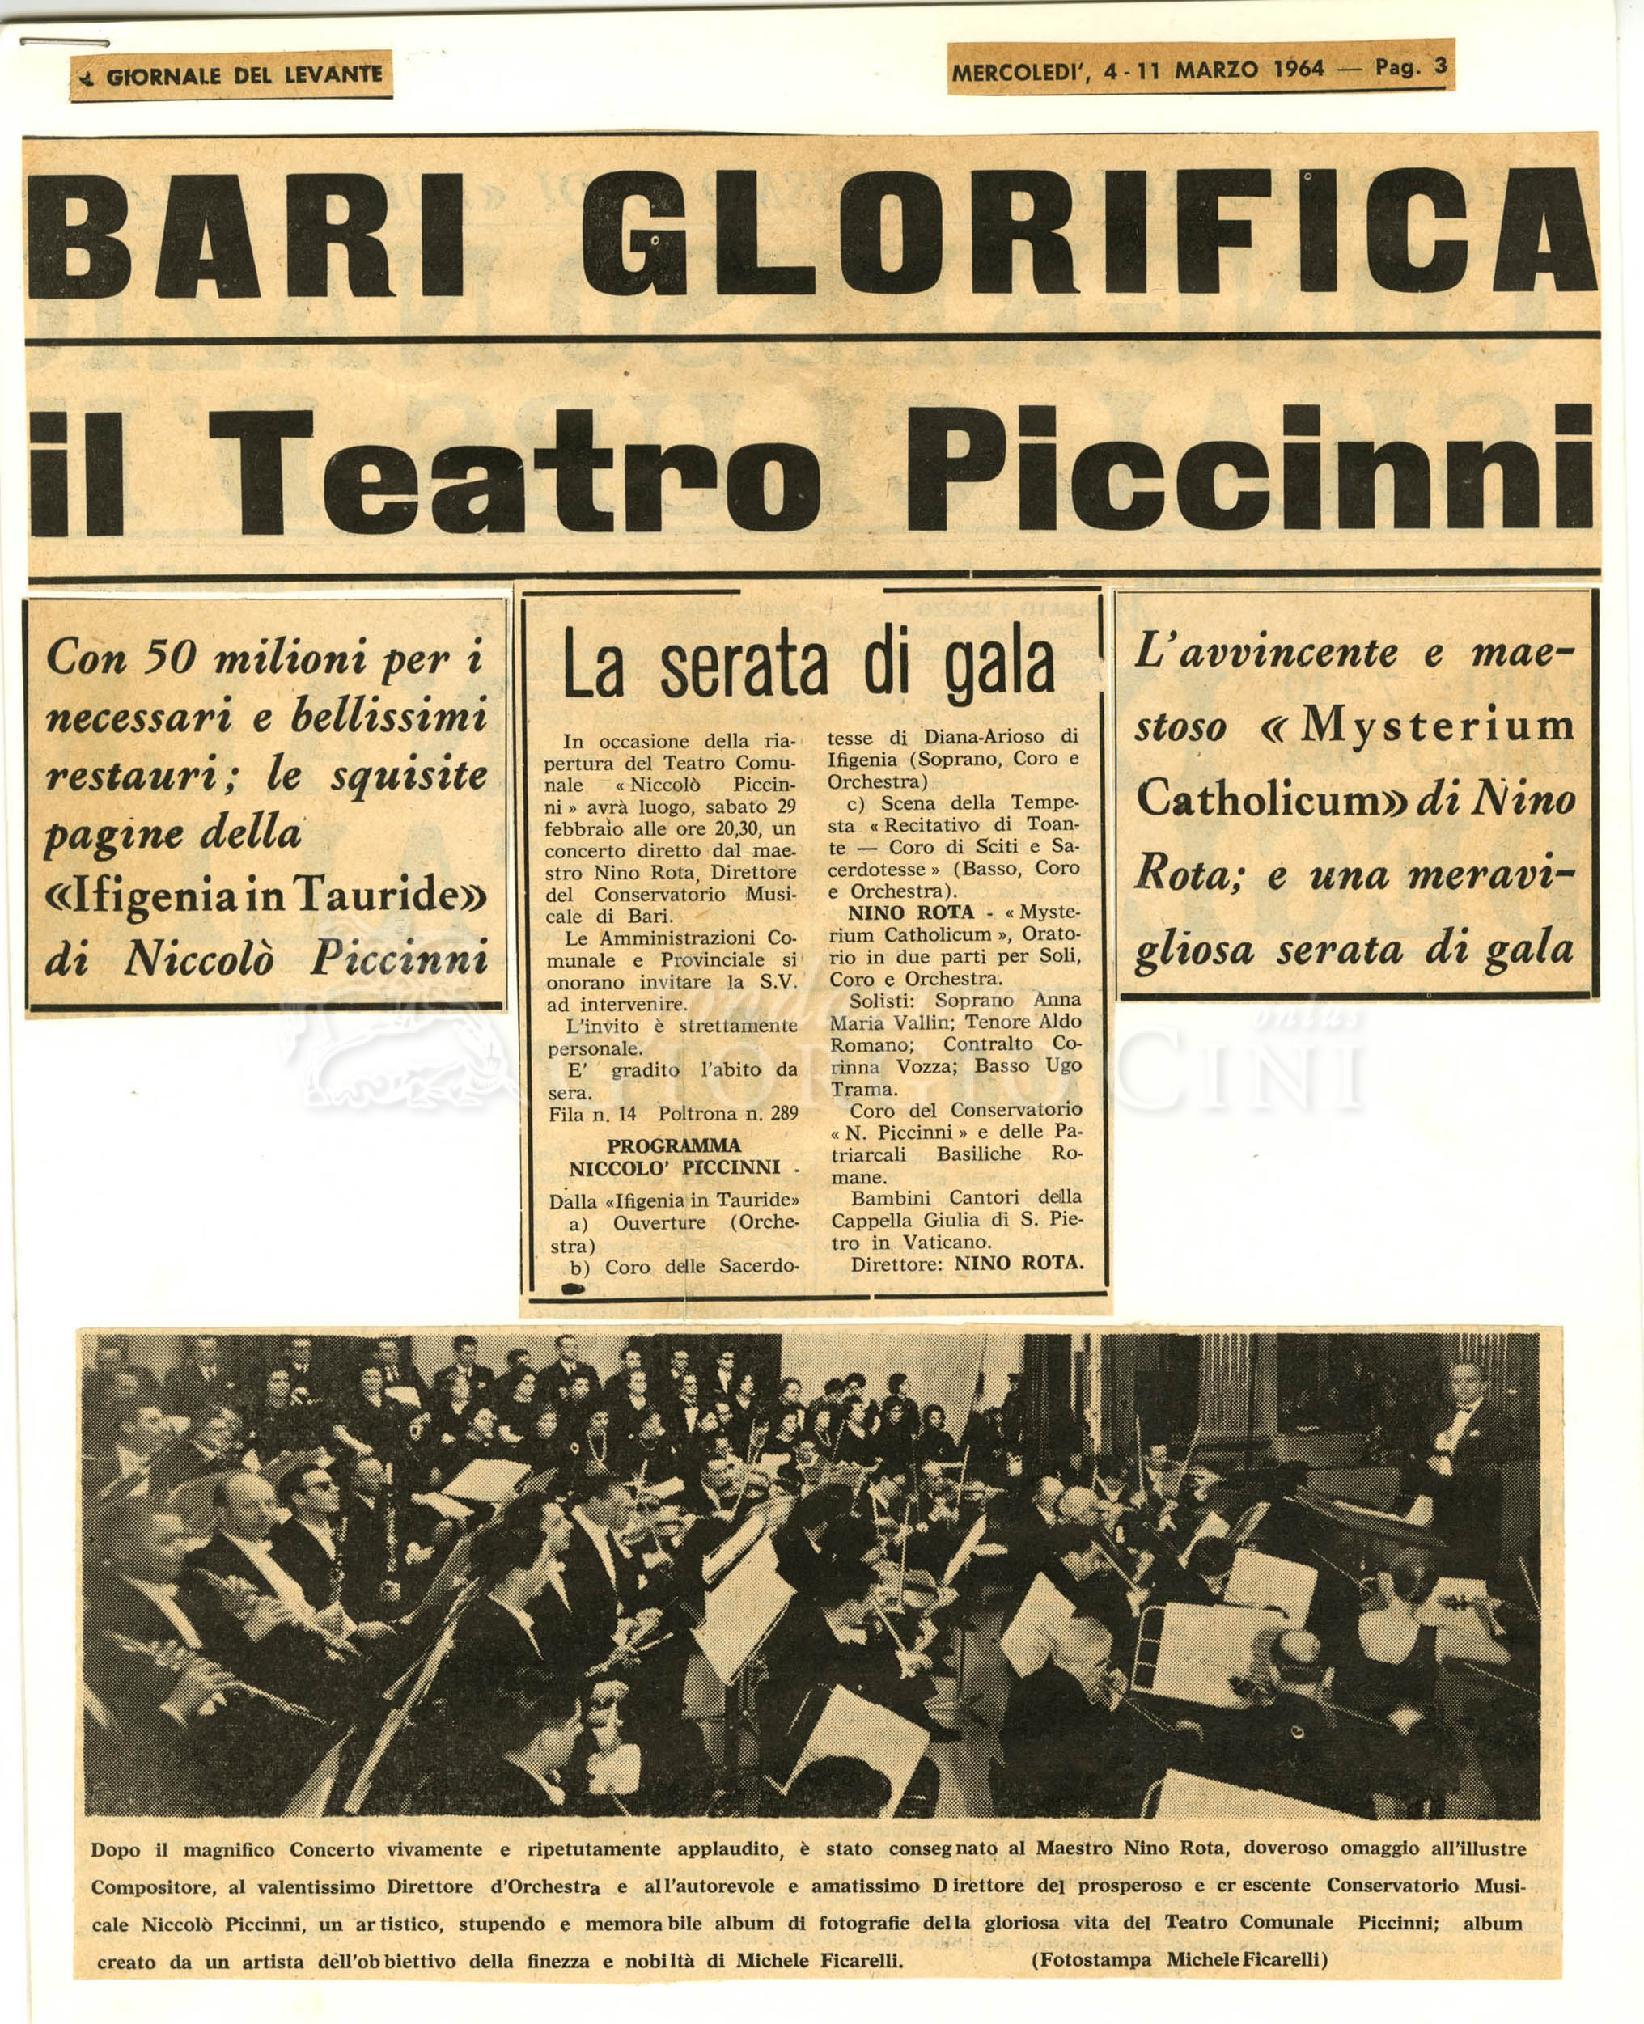 Bari glorifica il Teatro Piccinni  04 marzo 1964 - 11 marzo 1964